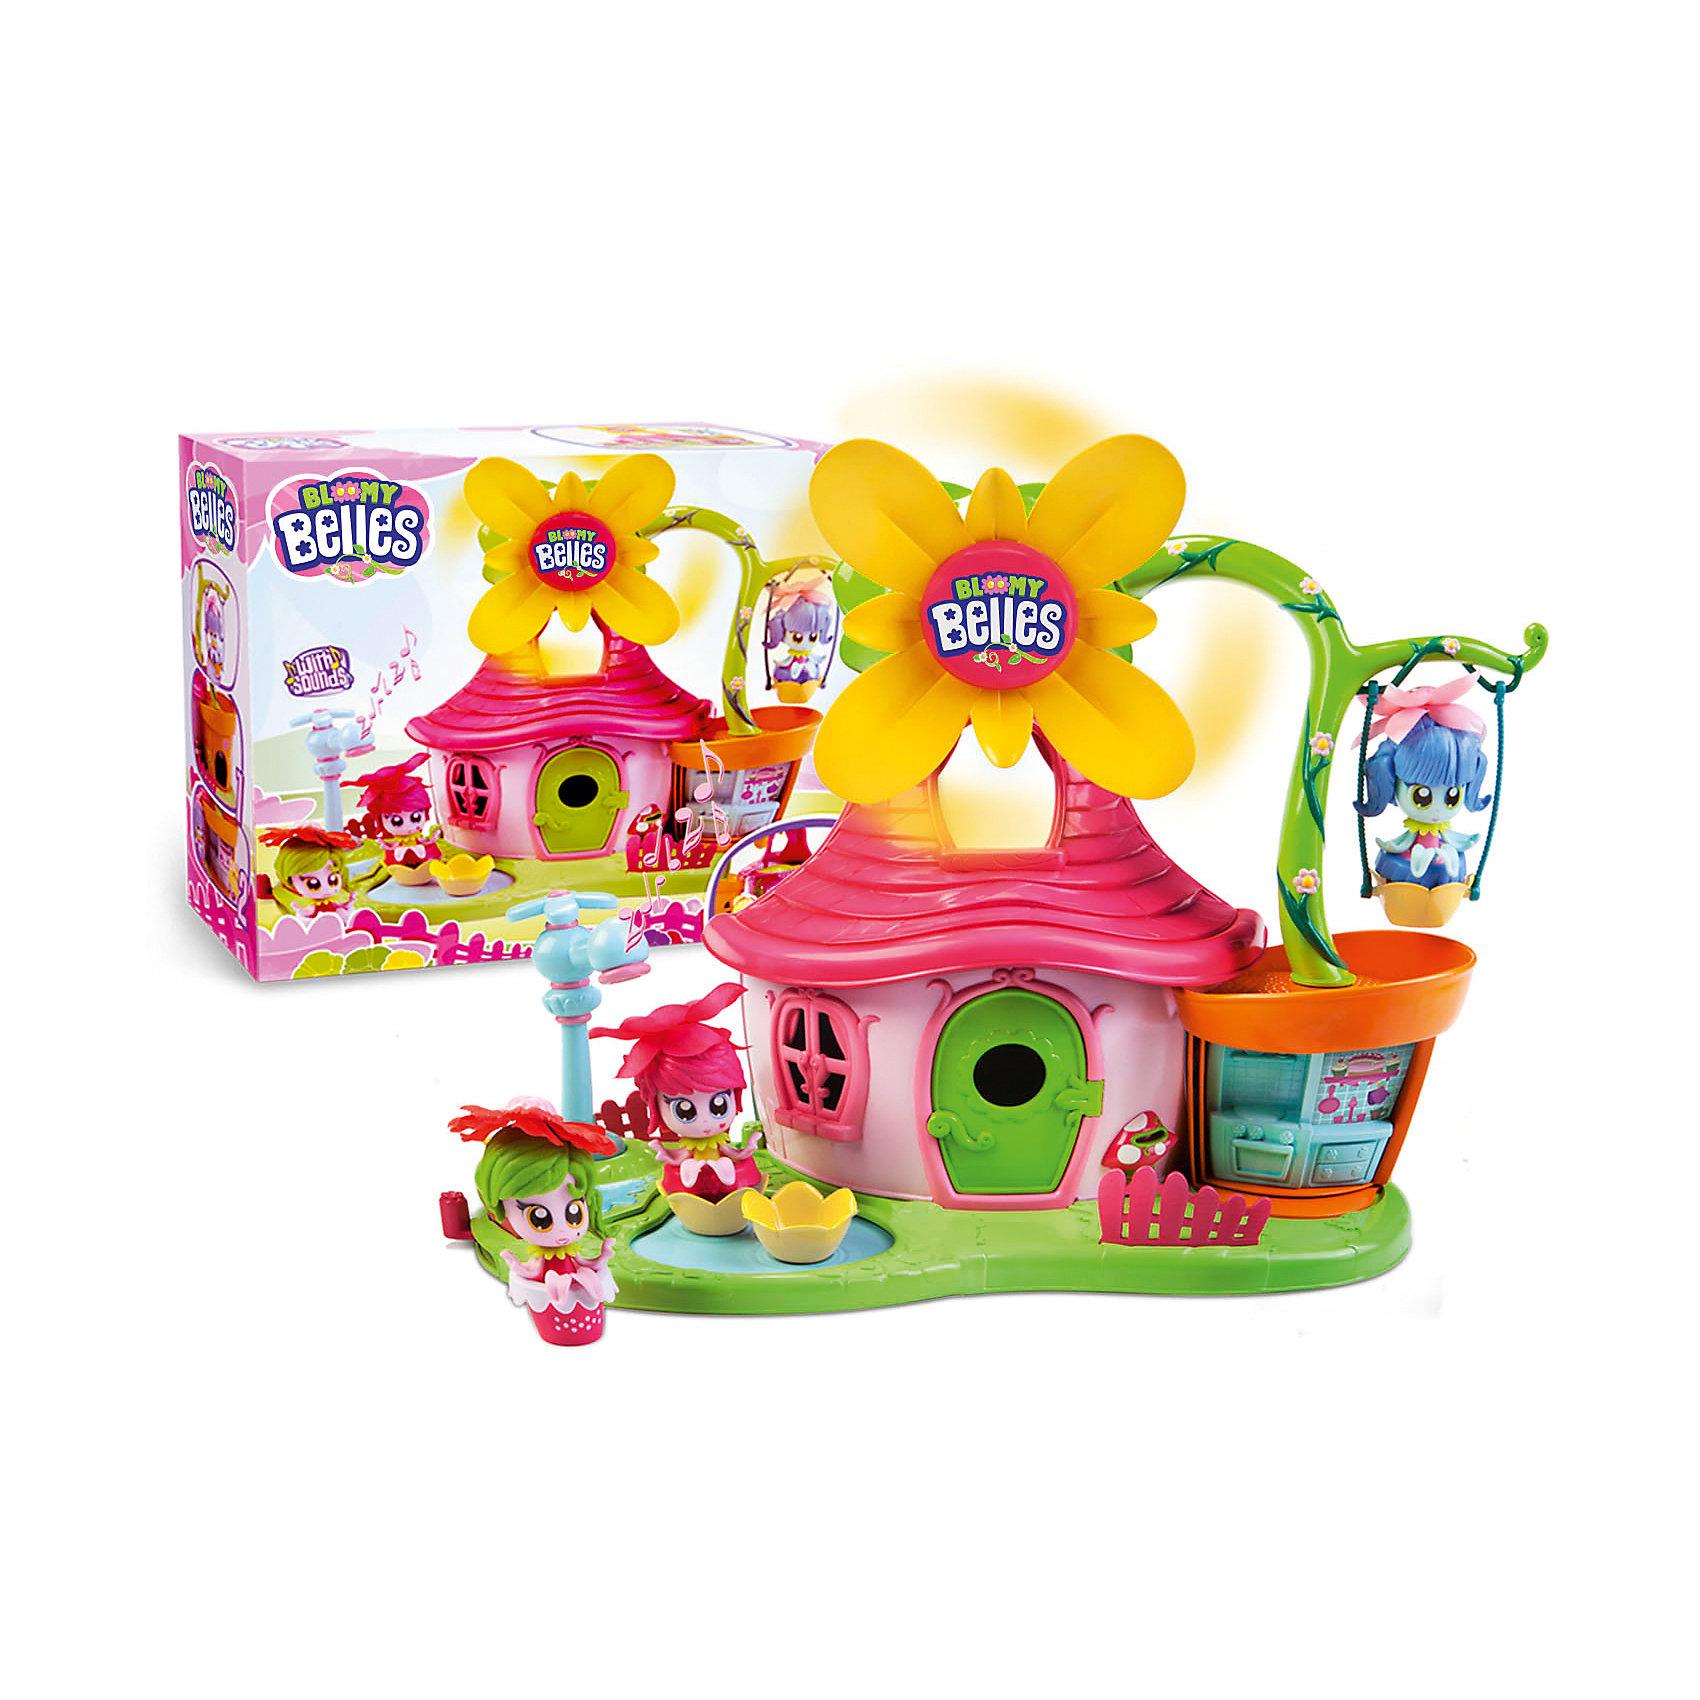 Дом серии Девочка-цветок, Toy ShockДомики и мебель<br>Дом серии Девочка-цветок, Toy Shock (Той Шок) - это прекрасный подарок для девочки.<br>Оригинальный и очень милый набор понравится каждой маленькой девочке. Необычная ароматизированная куколка-цветочек в цветочном горшке живет в маленьком домике вместе с забавным крошечным насекомым. Они очень любят пить чай и качаться на качелях. Если потянуть качели вниз, возвращаясь в исходное положение, они раскрутят пропеллер на крыше дома. Голубой кран у дома исполняет веселую мелодию. А еще можно поиграть в озере, приготовить обед, используя кастрюльки. Множество аксессуаров и богатая фантазия Вашего ребенка позволят придумать множество сюжетов для игры. Товар сертифицирован, соответствует ГОСТу.<br><br>Дополнительная информация:<br><br>- В наборе: дом; ароматизированная кукла-цветок; милое насекомое; столик; стульчик; аксессуары<br>- Высота куклы: 5 см.<br>- Материал: пластмасса<br>- Размер упаковки: 41,5х36х13 см.<br><br>Дом серии Девочка-цветок, Toy Shock (Той Шок) можно купить в нашем интернет-магазине.<br><br>Ширина мм: 410<br>Глубина мм: 130<br>Высота мм: 350<br>Вес г: 960<br>Возраст от месяцев: 48<br>Возраст до месяцев: 108<br>Пол: Женский<br>Возраст: Детский<br>SKU: 4747493